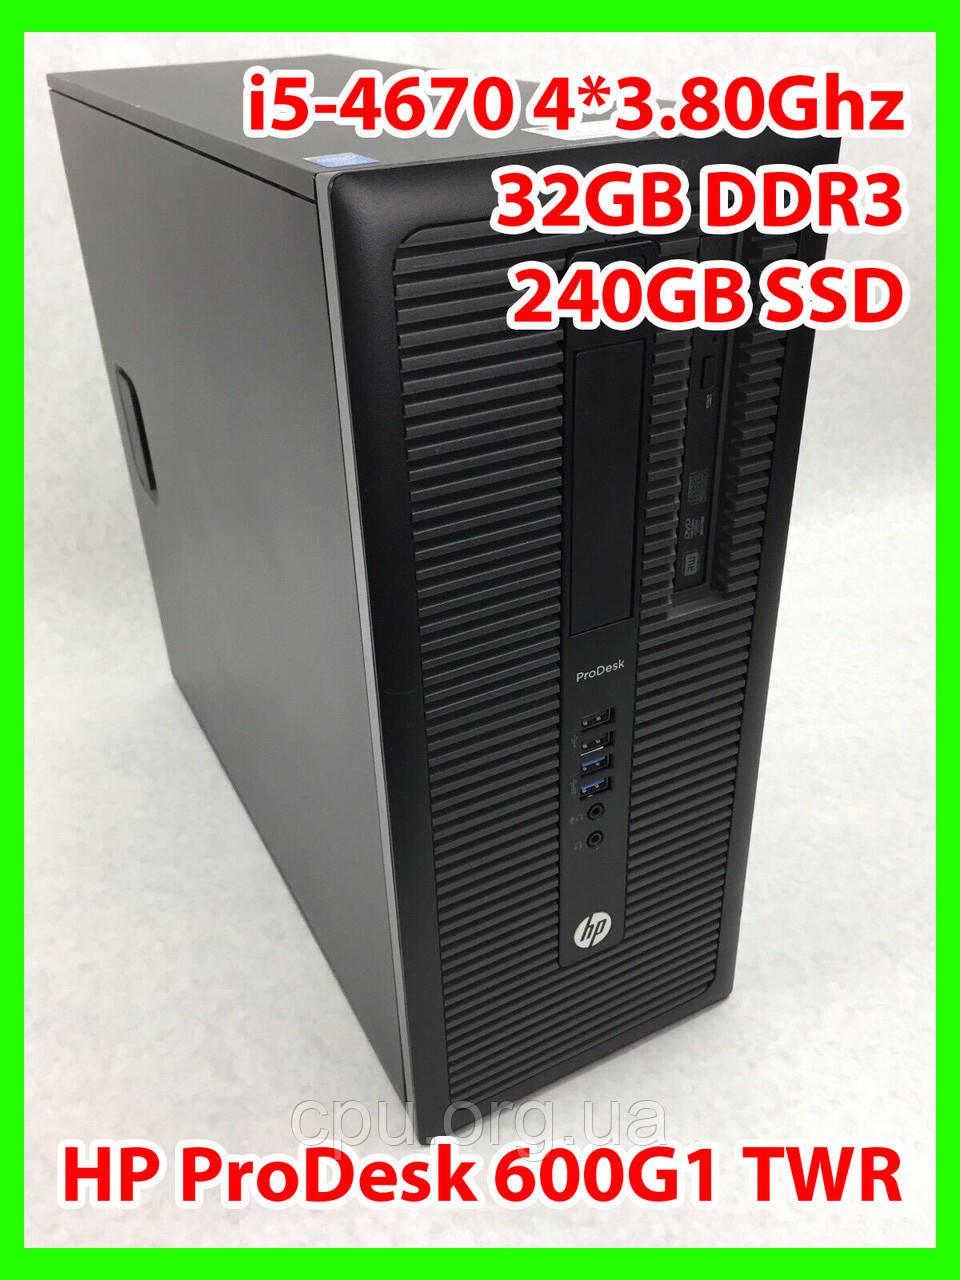 Системний блок HP - i5-4670 4 ядра 3,40-3,80 Ghz / DDR3 32GB / SSD 240gb